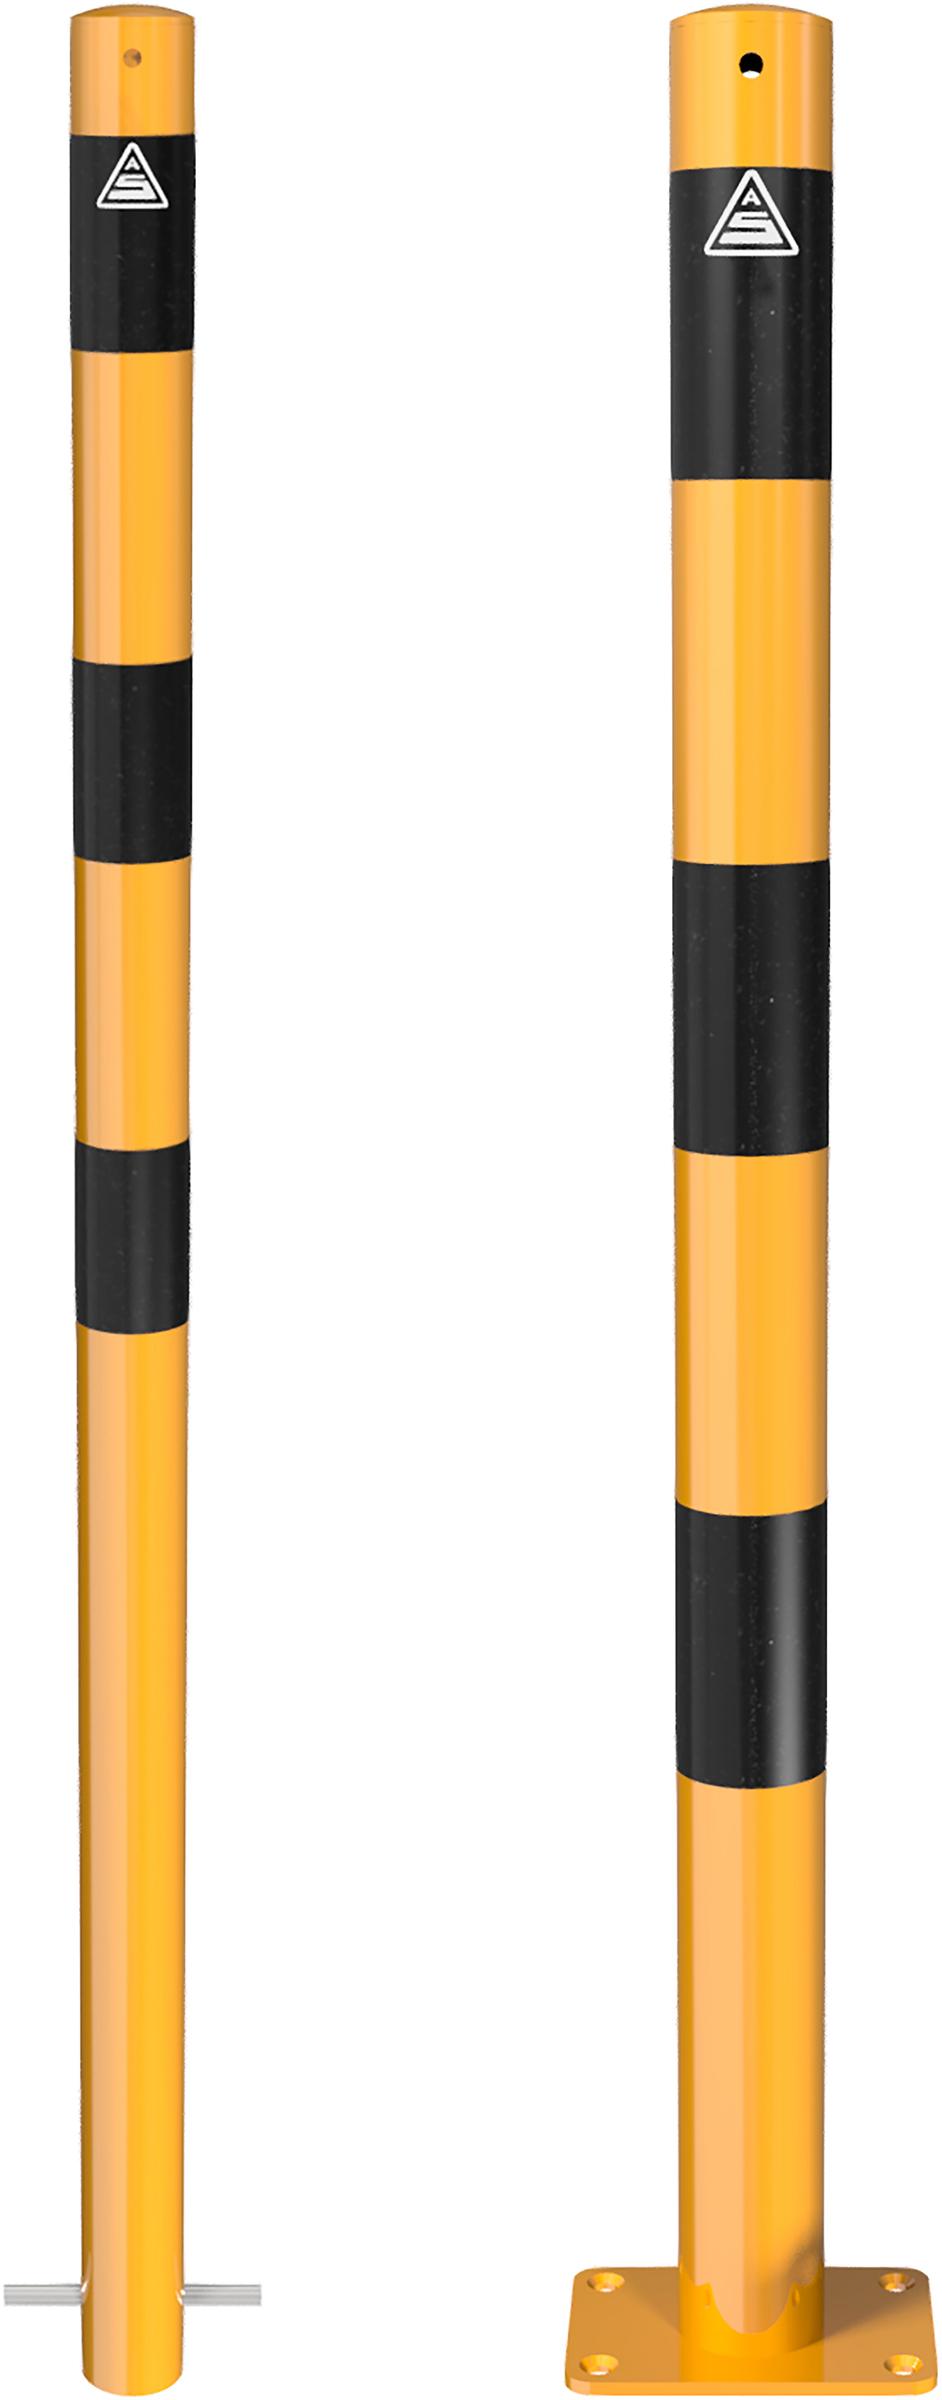 Schake Absperrpfosten Ø 60 mm gelb | schwarz